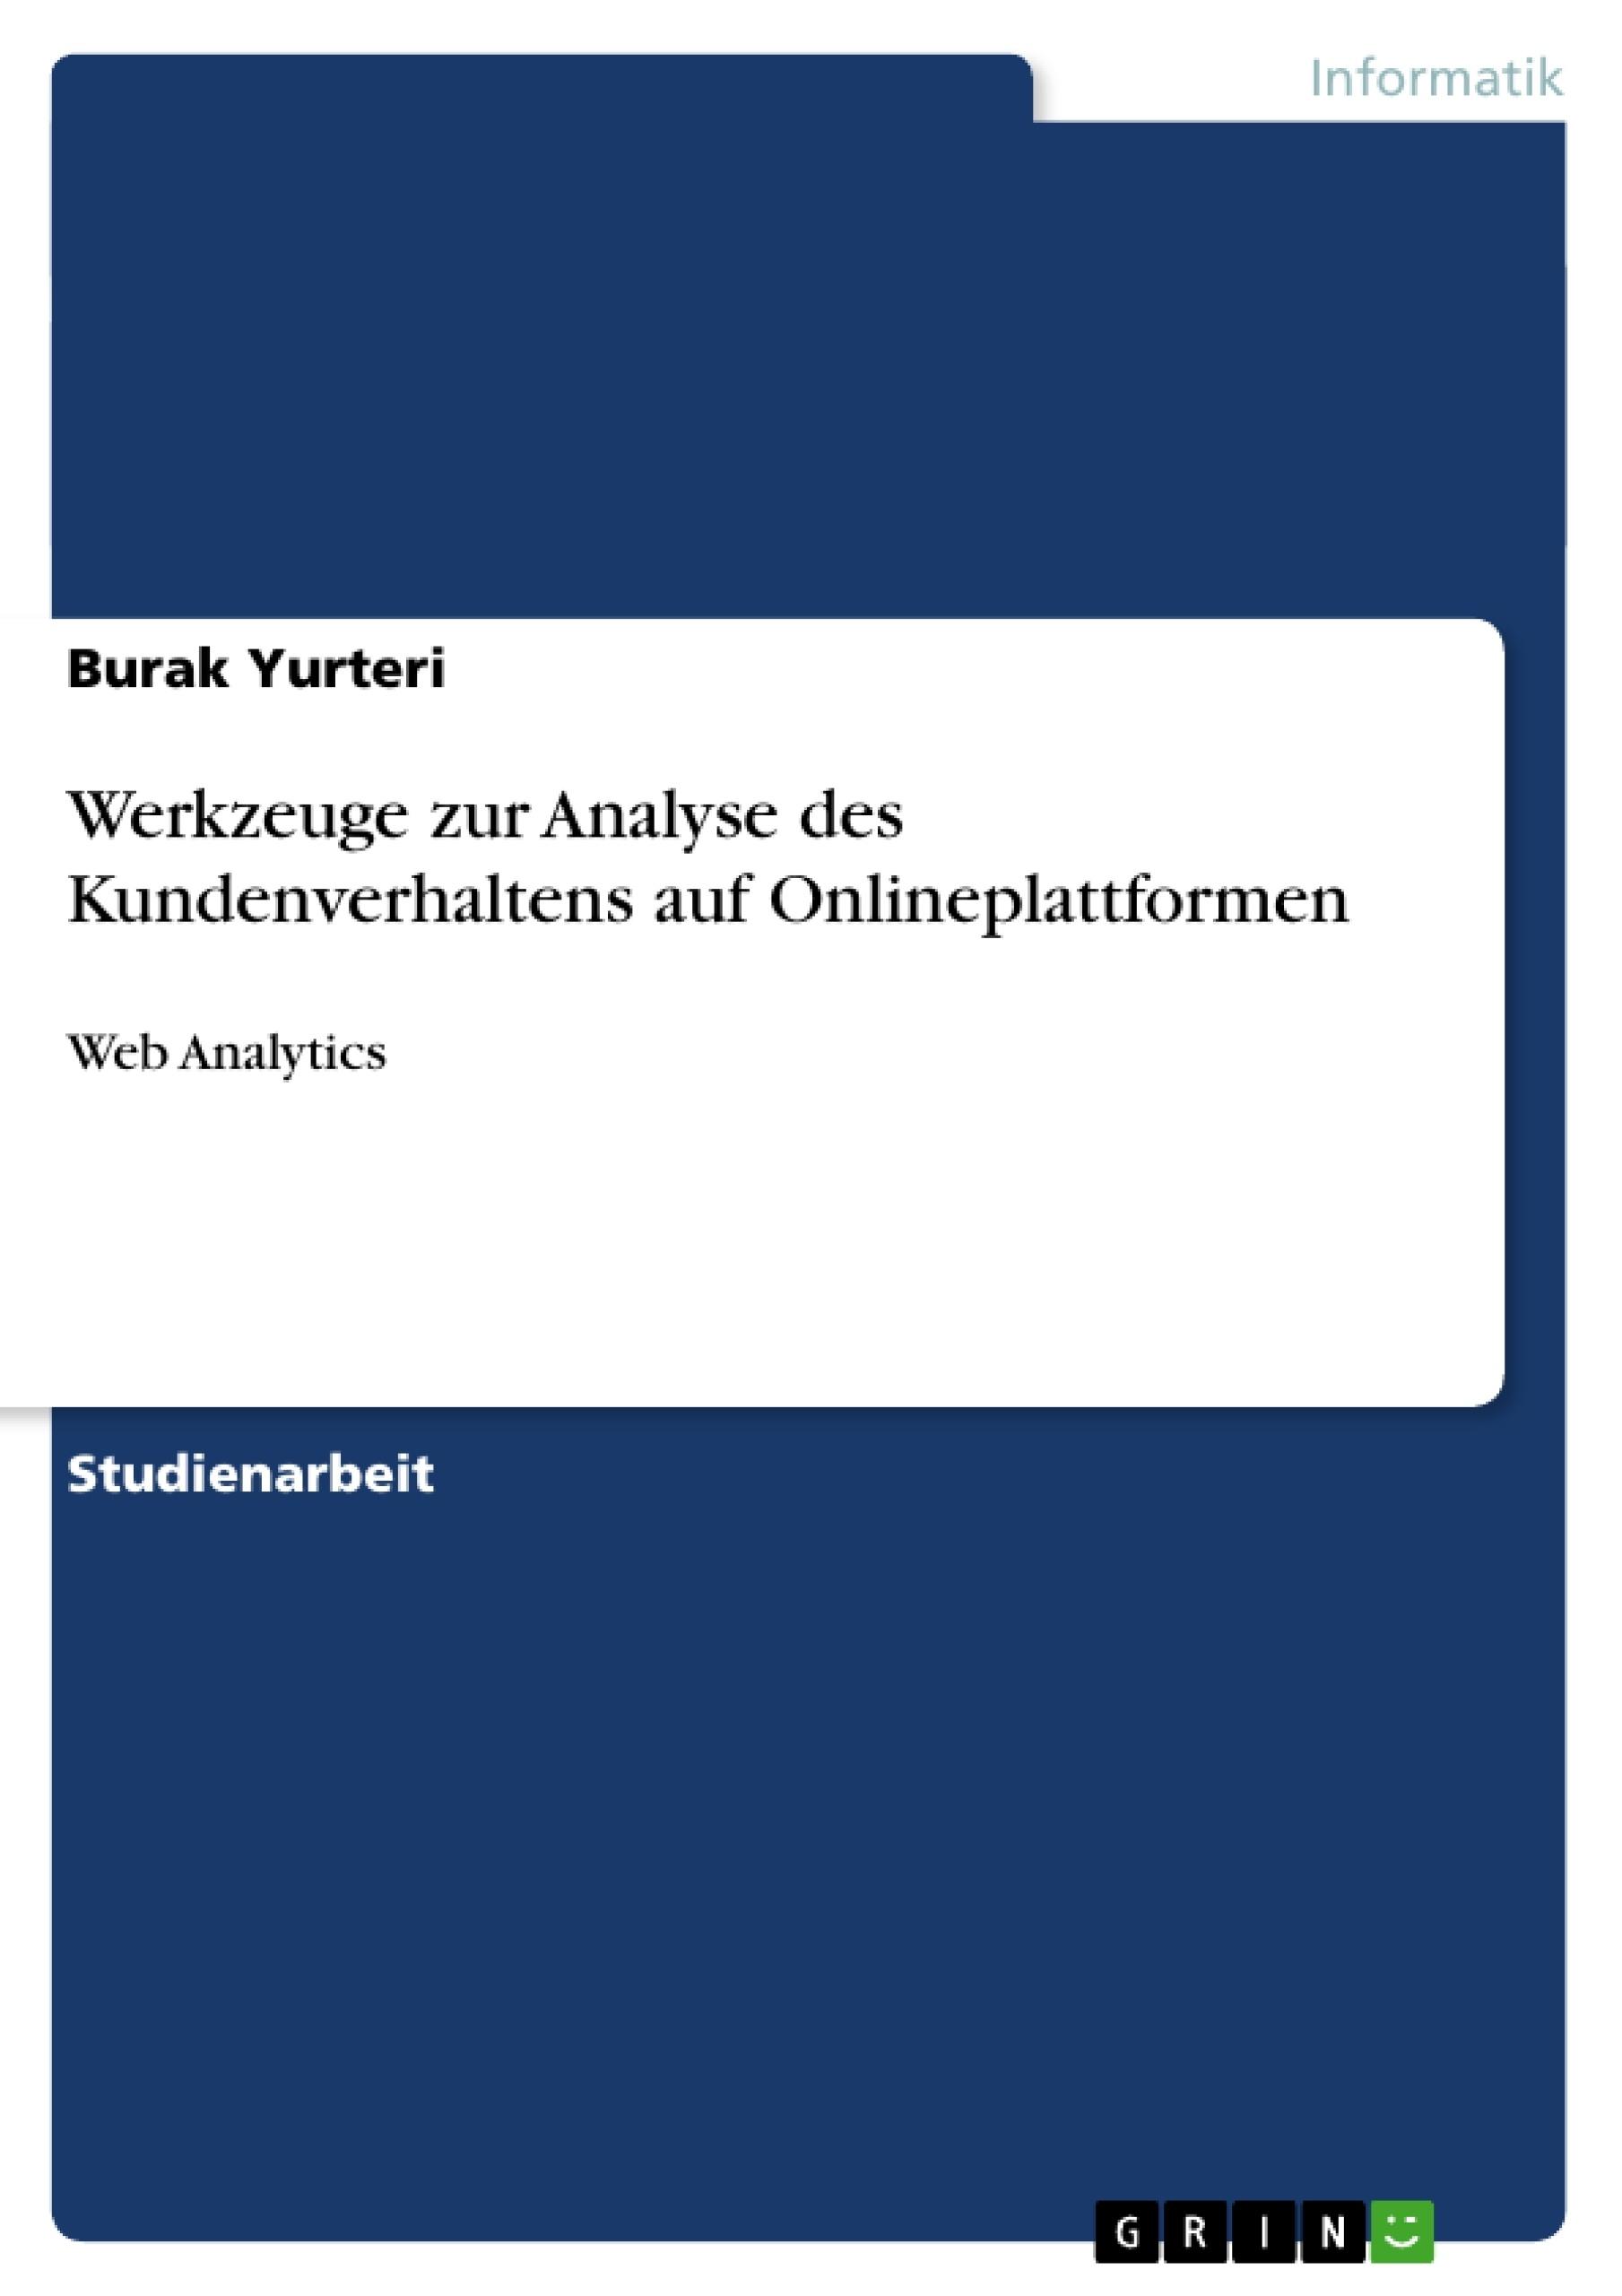 Titel: Werkzeuge zur Analyse des Kundenverhaltens auf Onlineplattformen